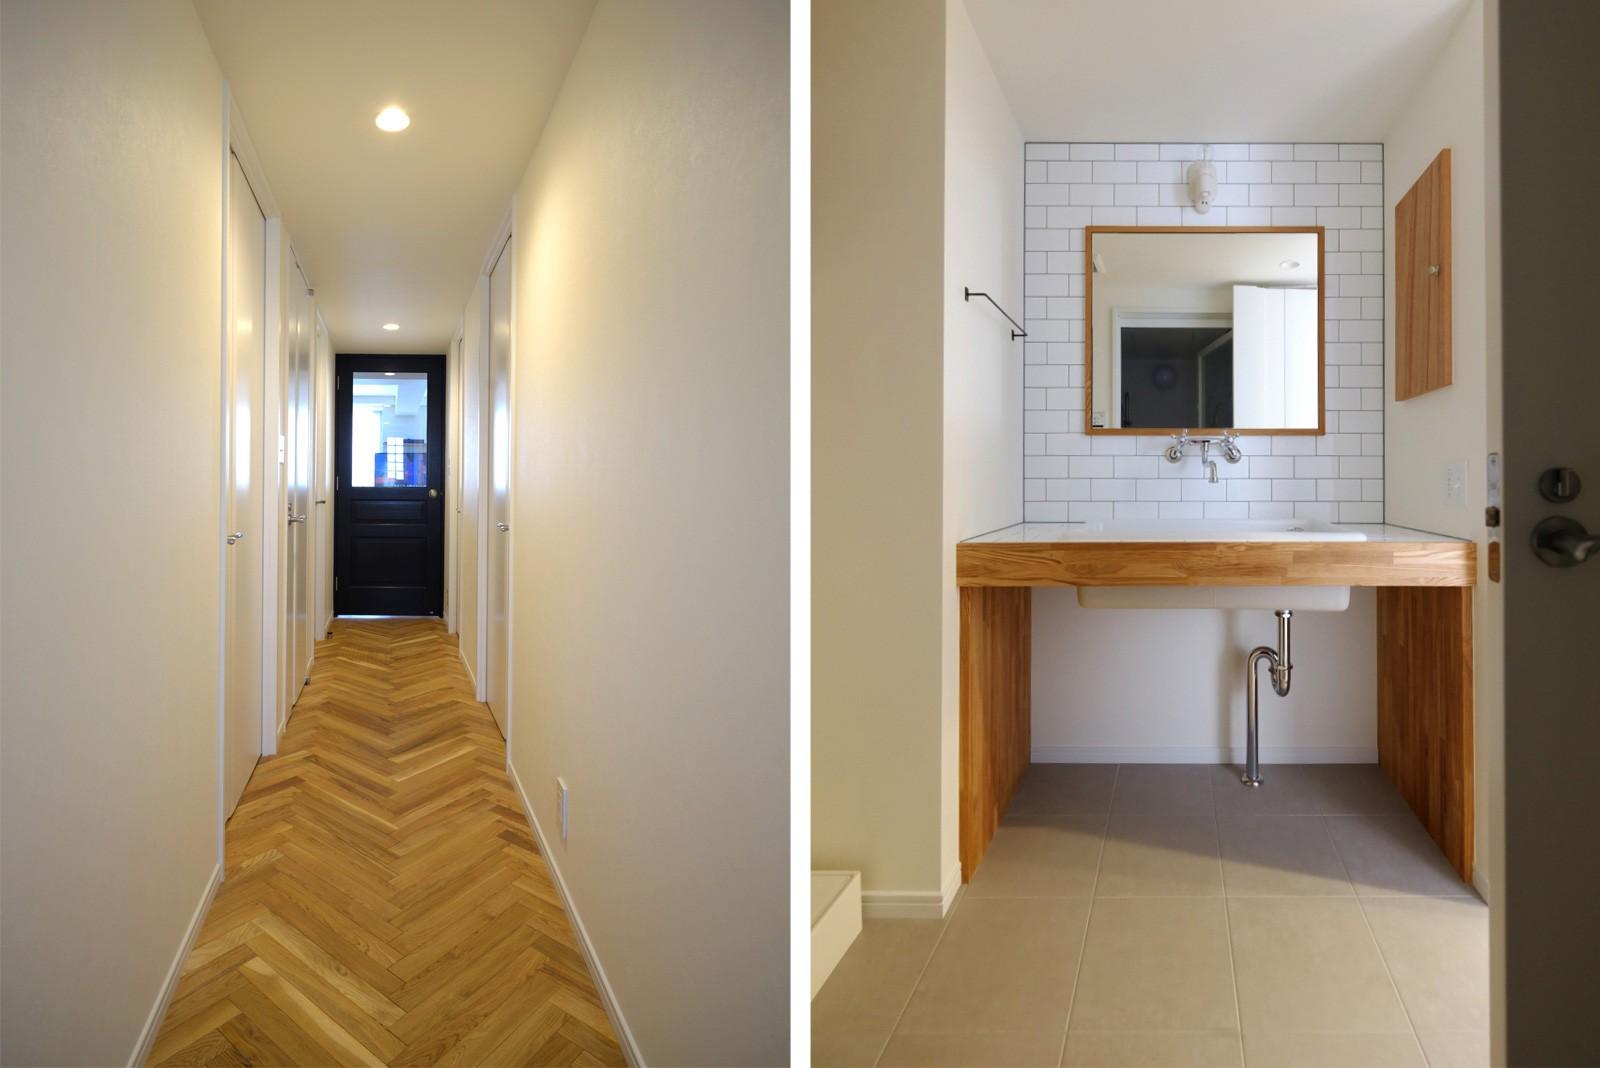 その他事例:廊下・洗面室(『solid.』 ― 素材の表情を活かす)